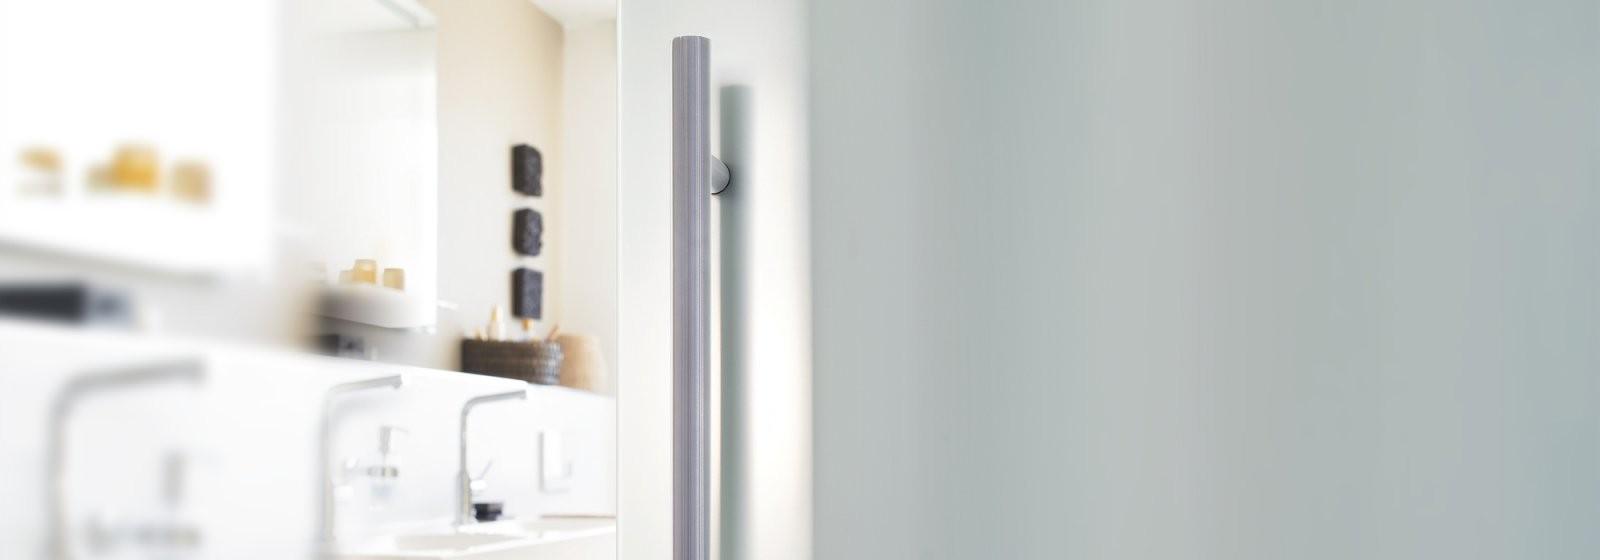 Griffmuscheln Und Stoßgriffe Für Glastüren von Glastür Mit Zarge Bauhaus Photo